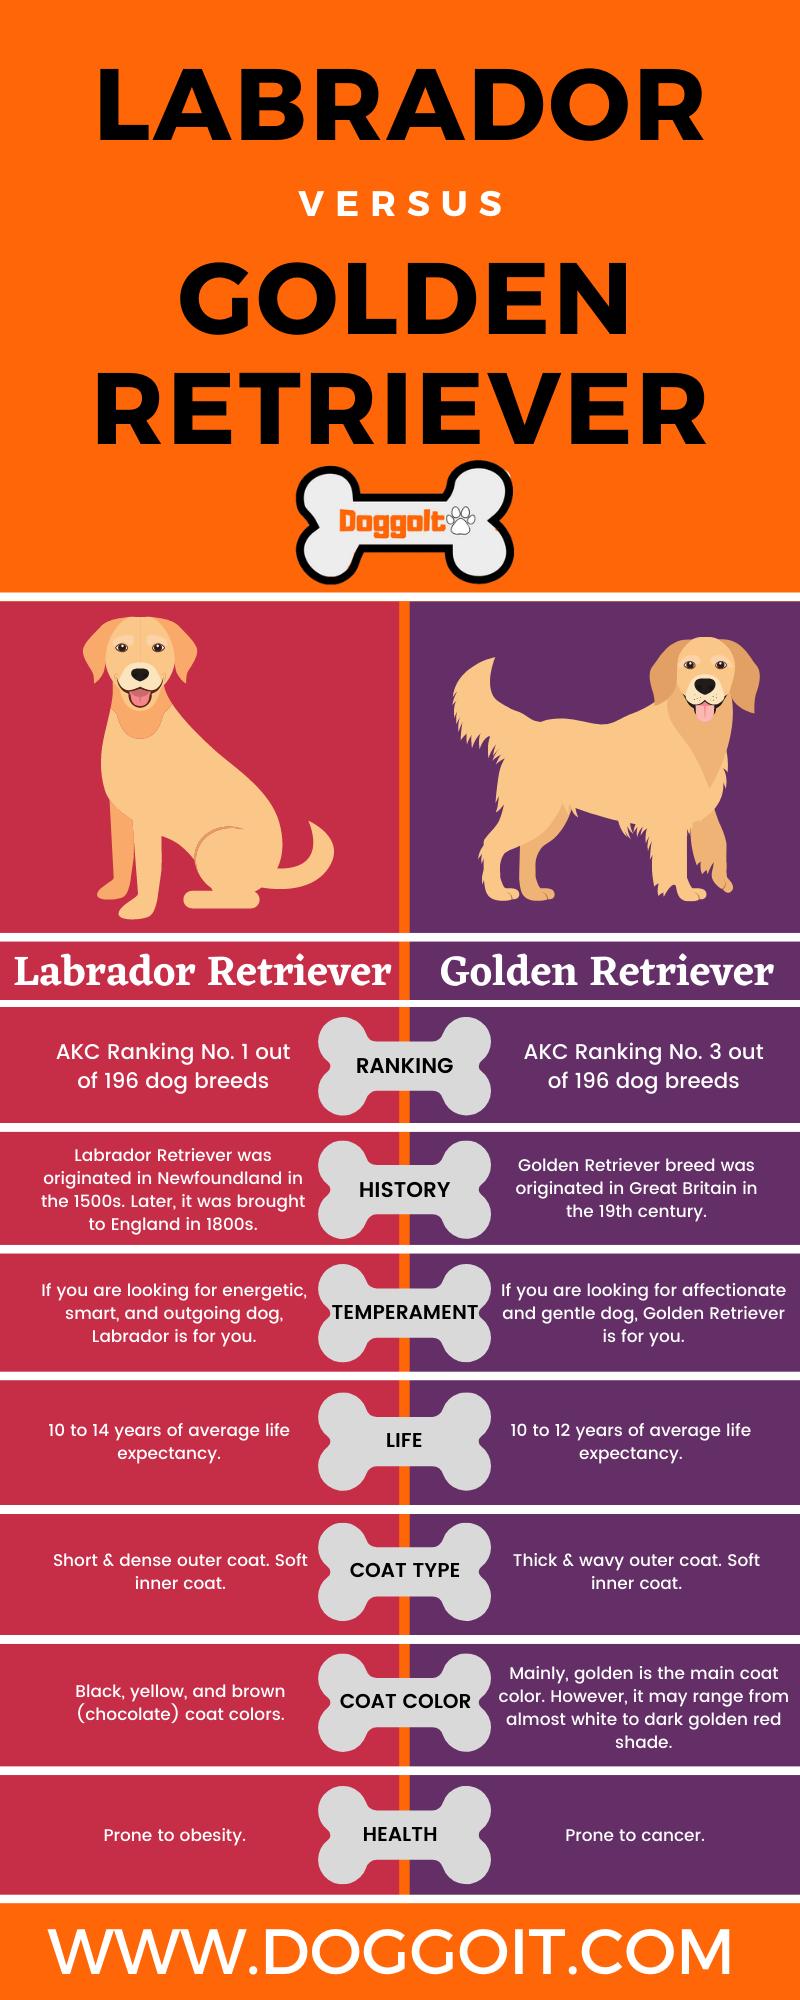 Labrador retriever versus Golden retriever infographic